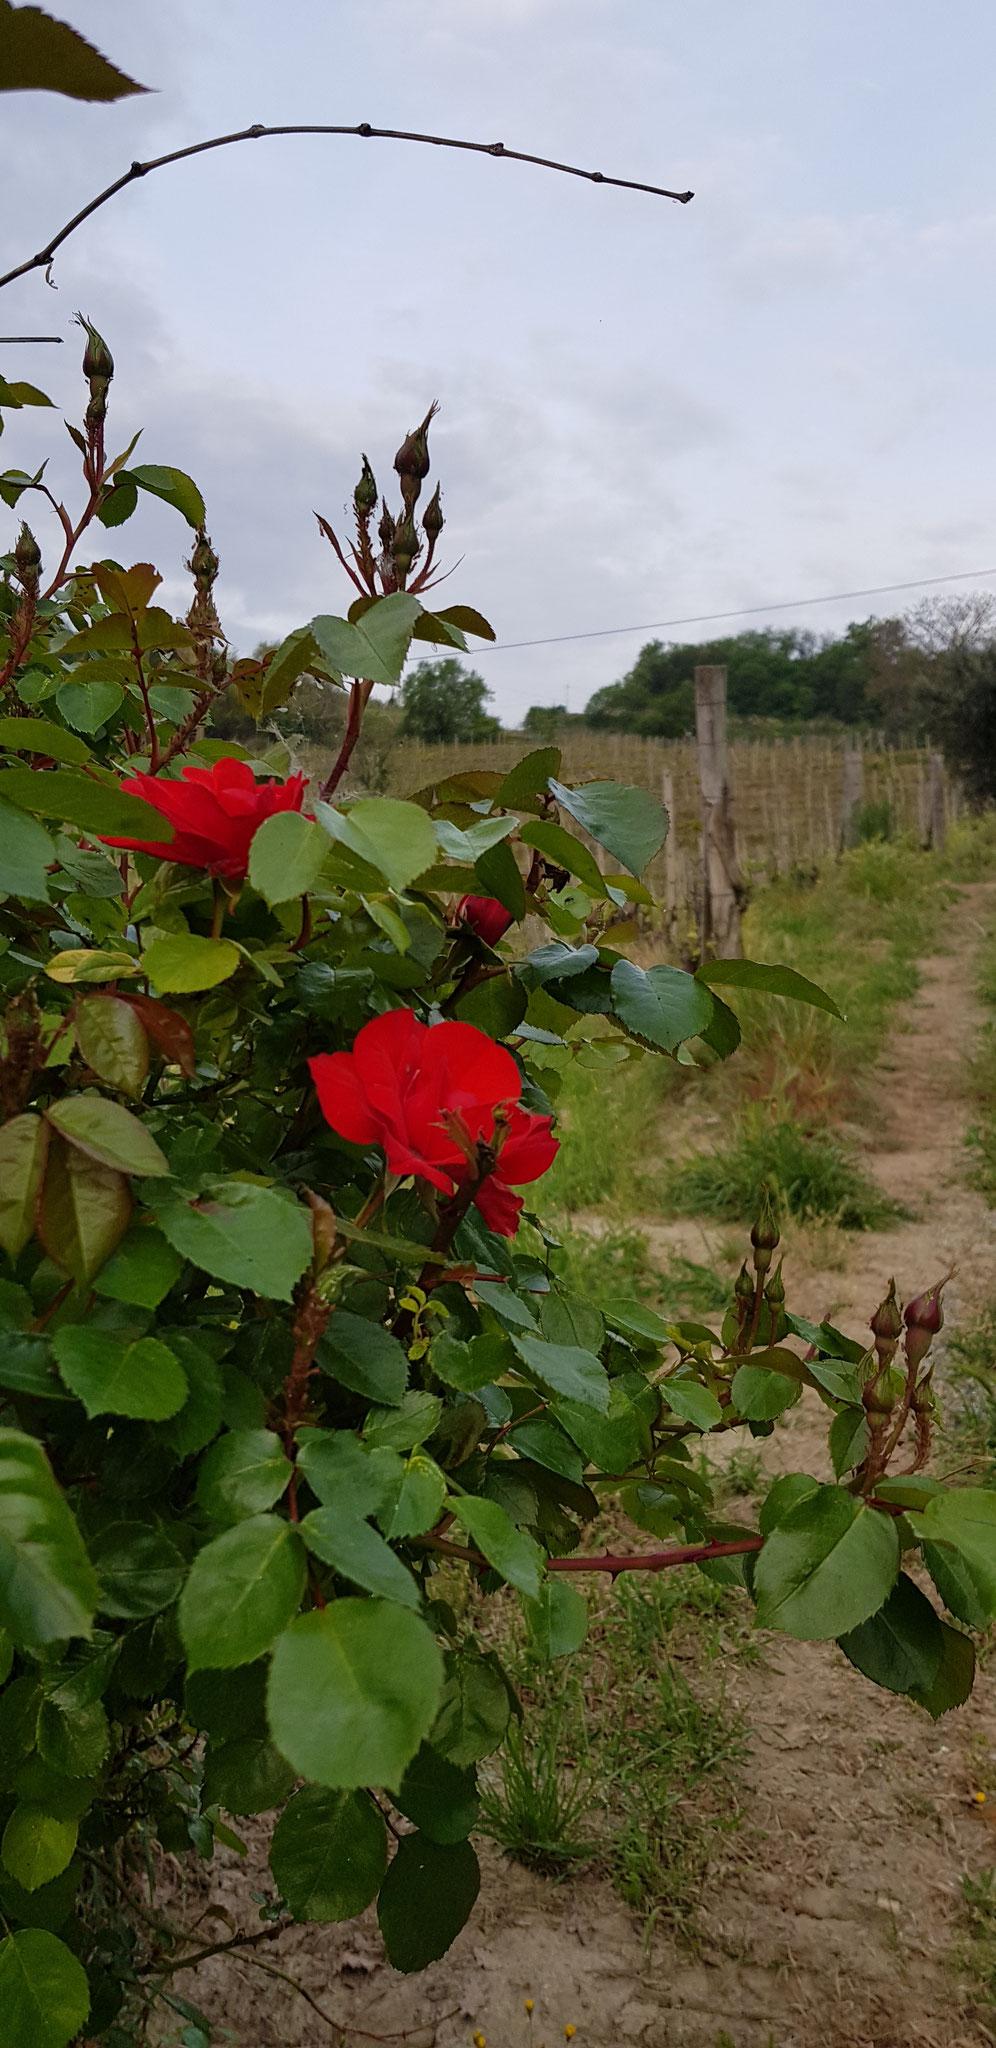 die Rosenbüsche entlang der Rebhügel sehen besonder attraktiv aus.